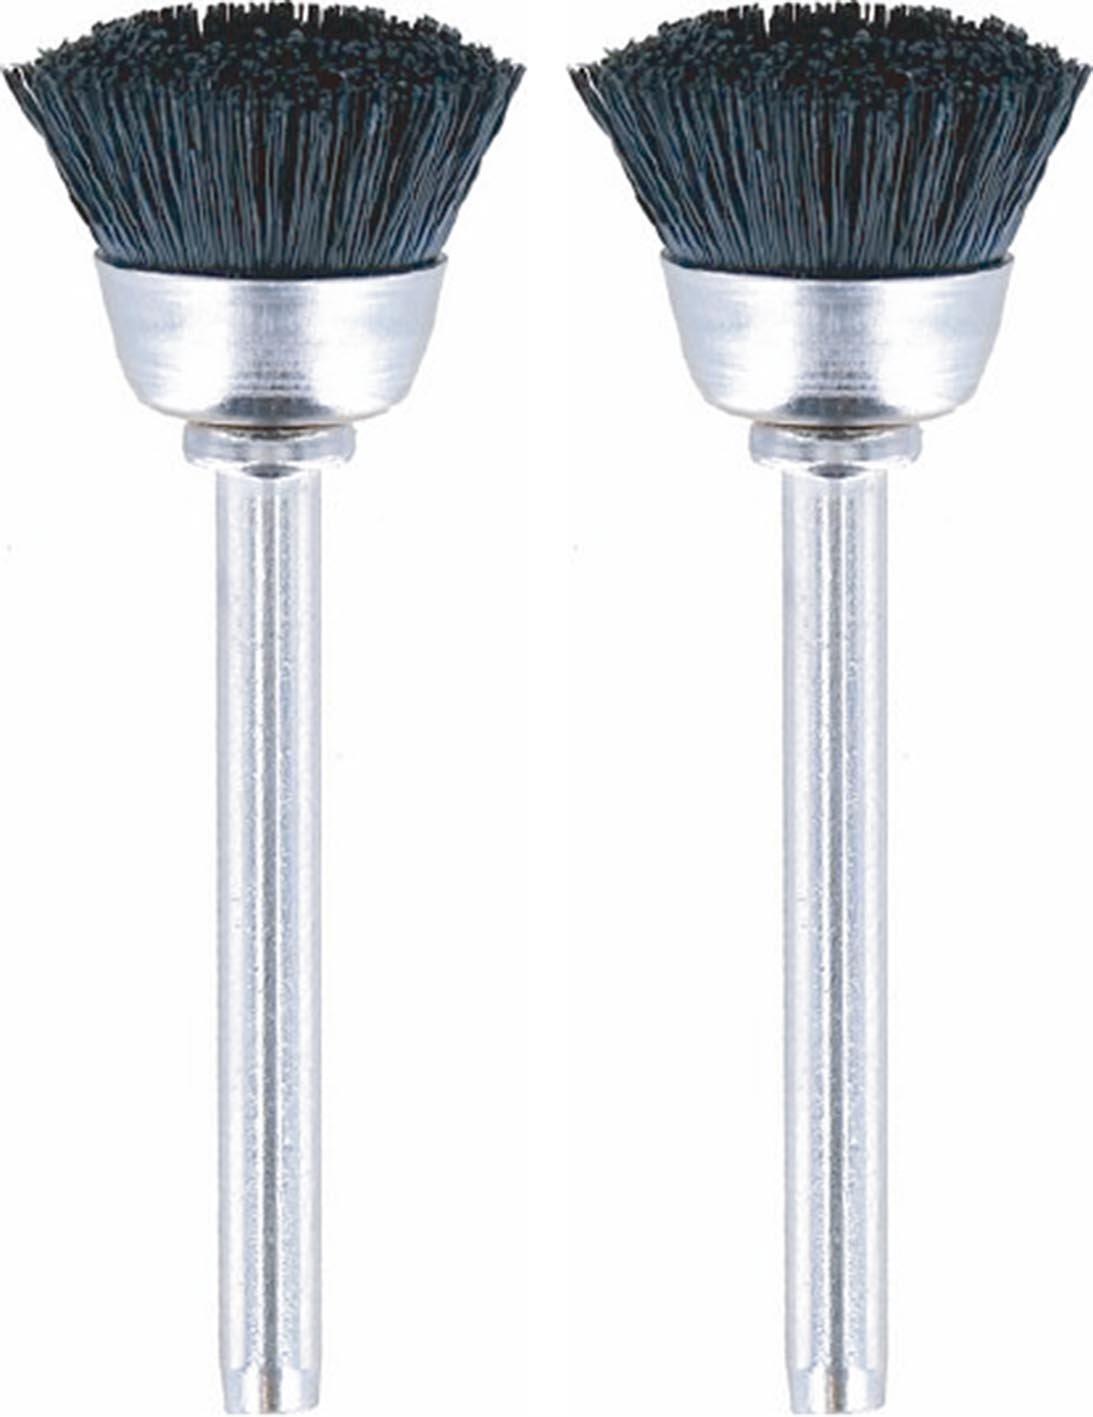 """DREMEL MFG CO 404-02 2 Pack, 1/2"""" Nylon Brush"""